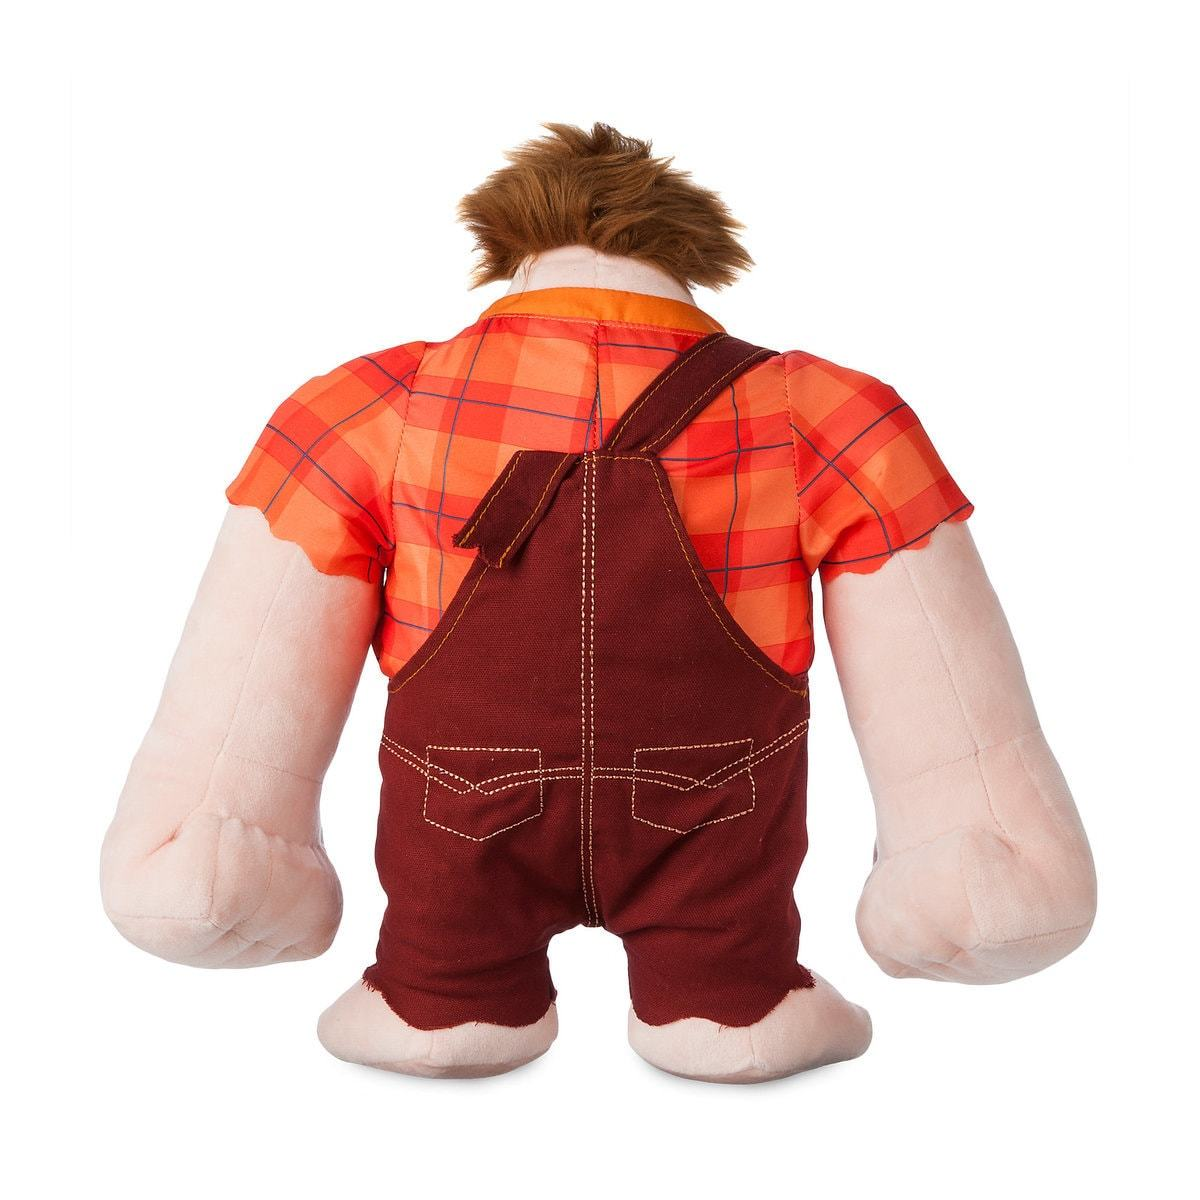 Мягкая игрушка Ральф Дисней 40 см